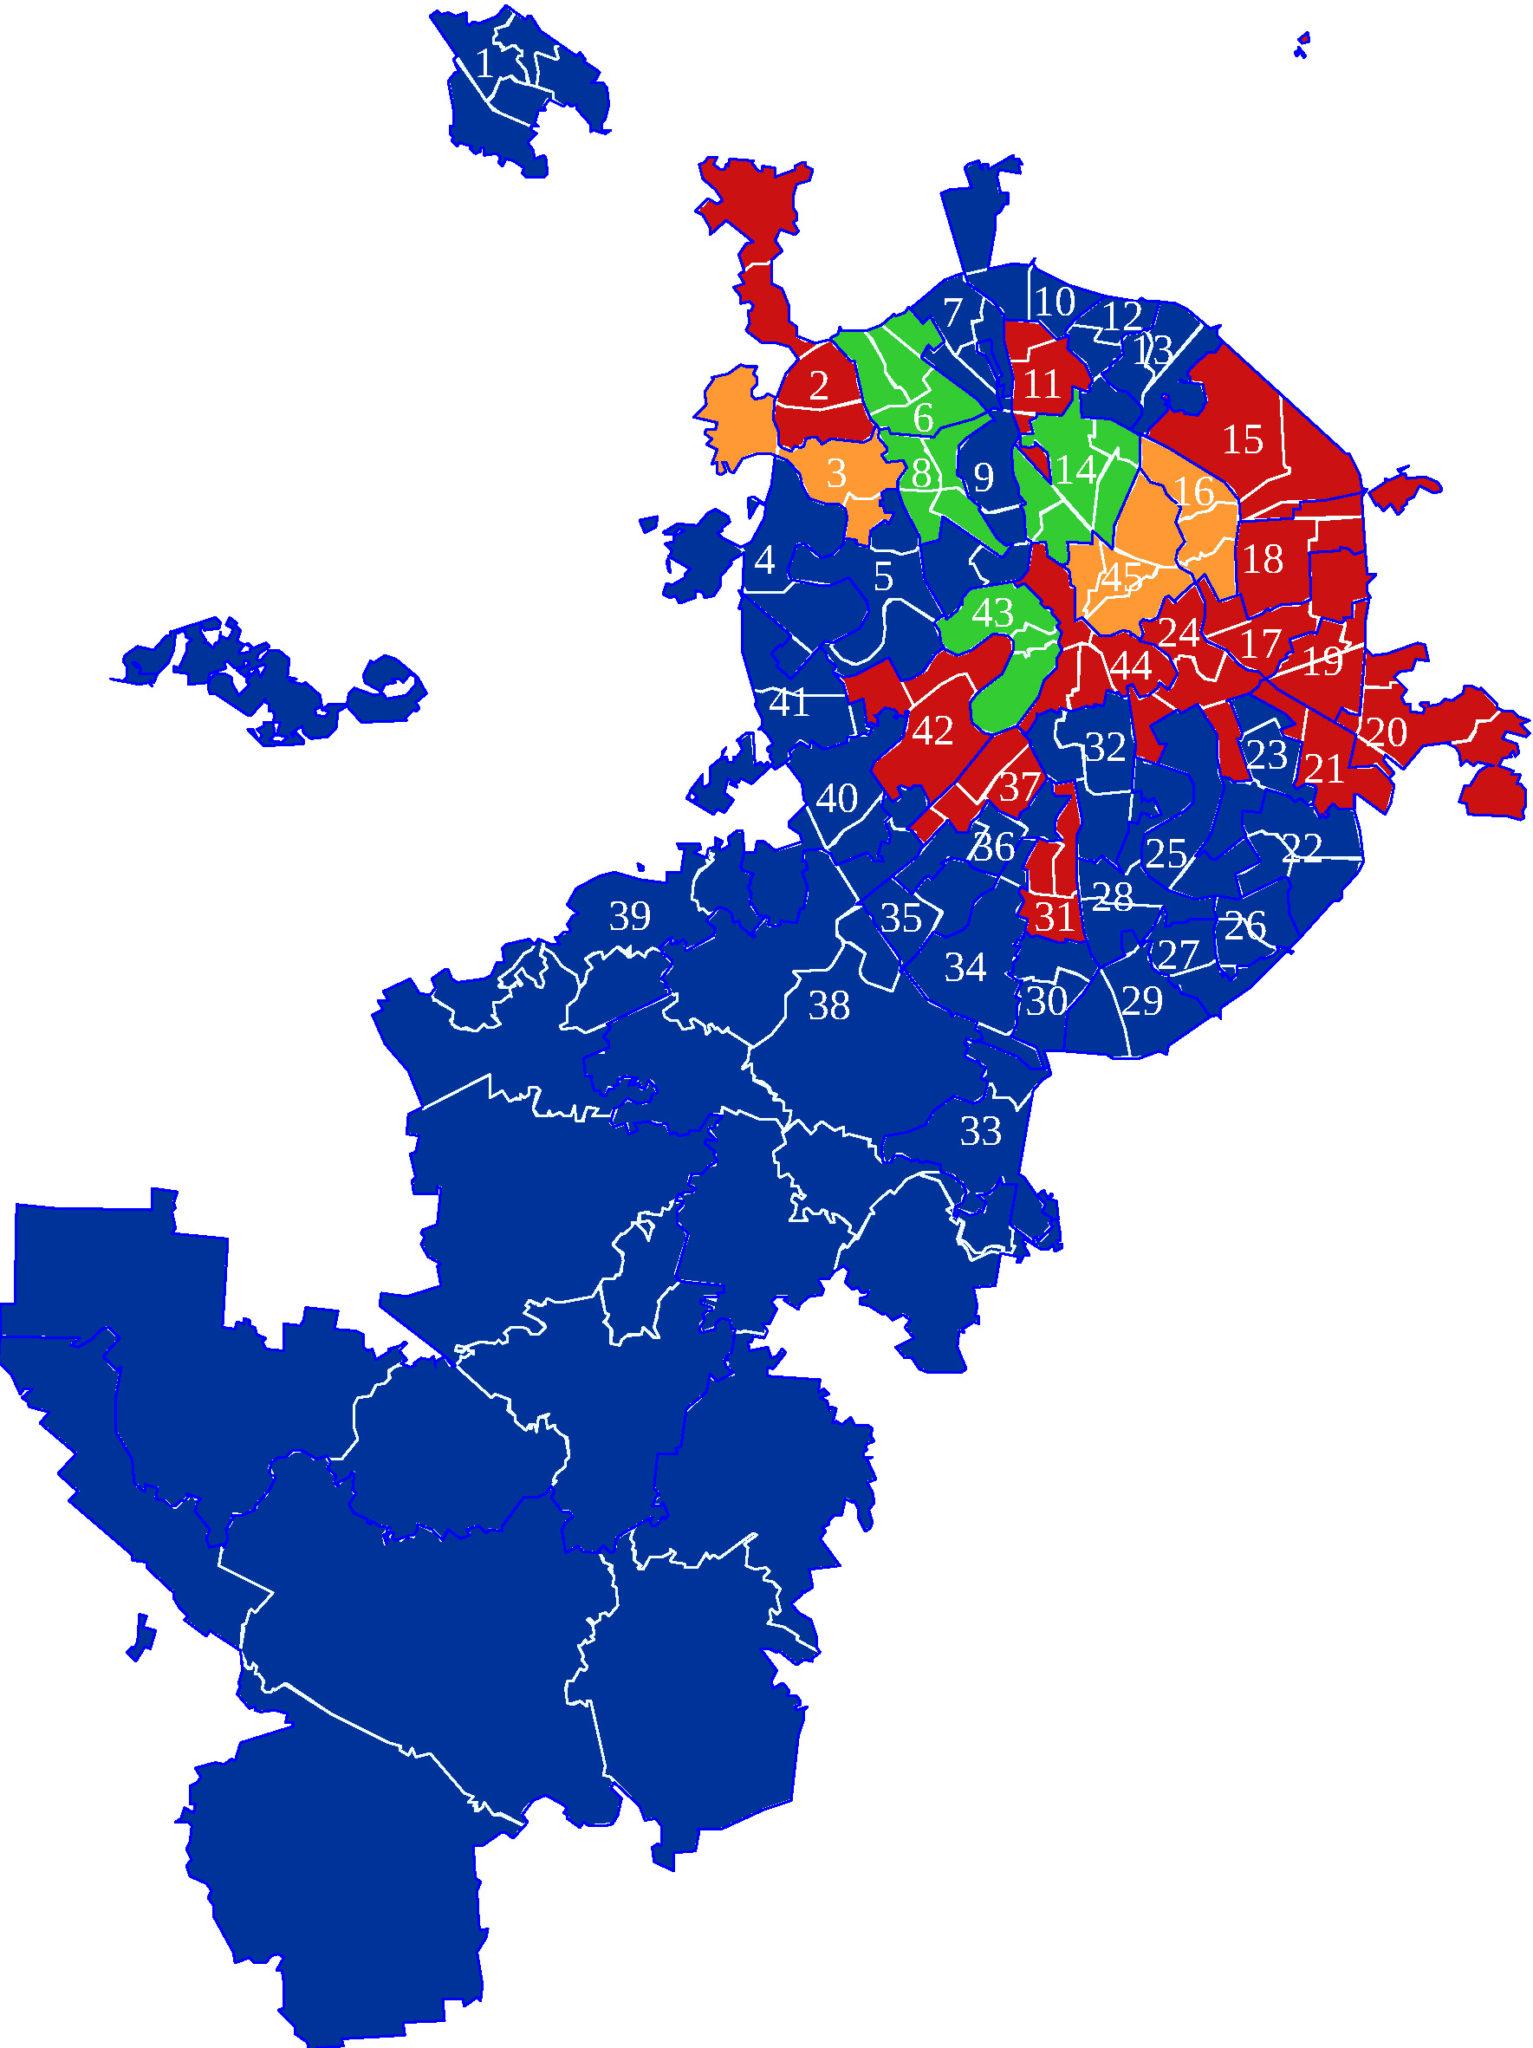 Итоги выборов. Округа покрашены в цвета партии, поддержавшей победителя: синий — ЕР, красный — КПРФ, зеленый — «Яблоко», оранжевый — СР («Википедия»)